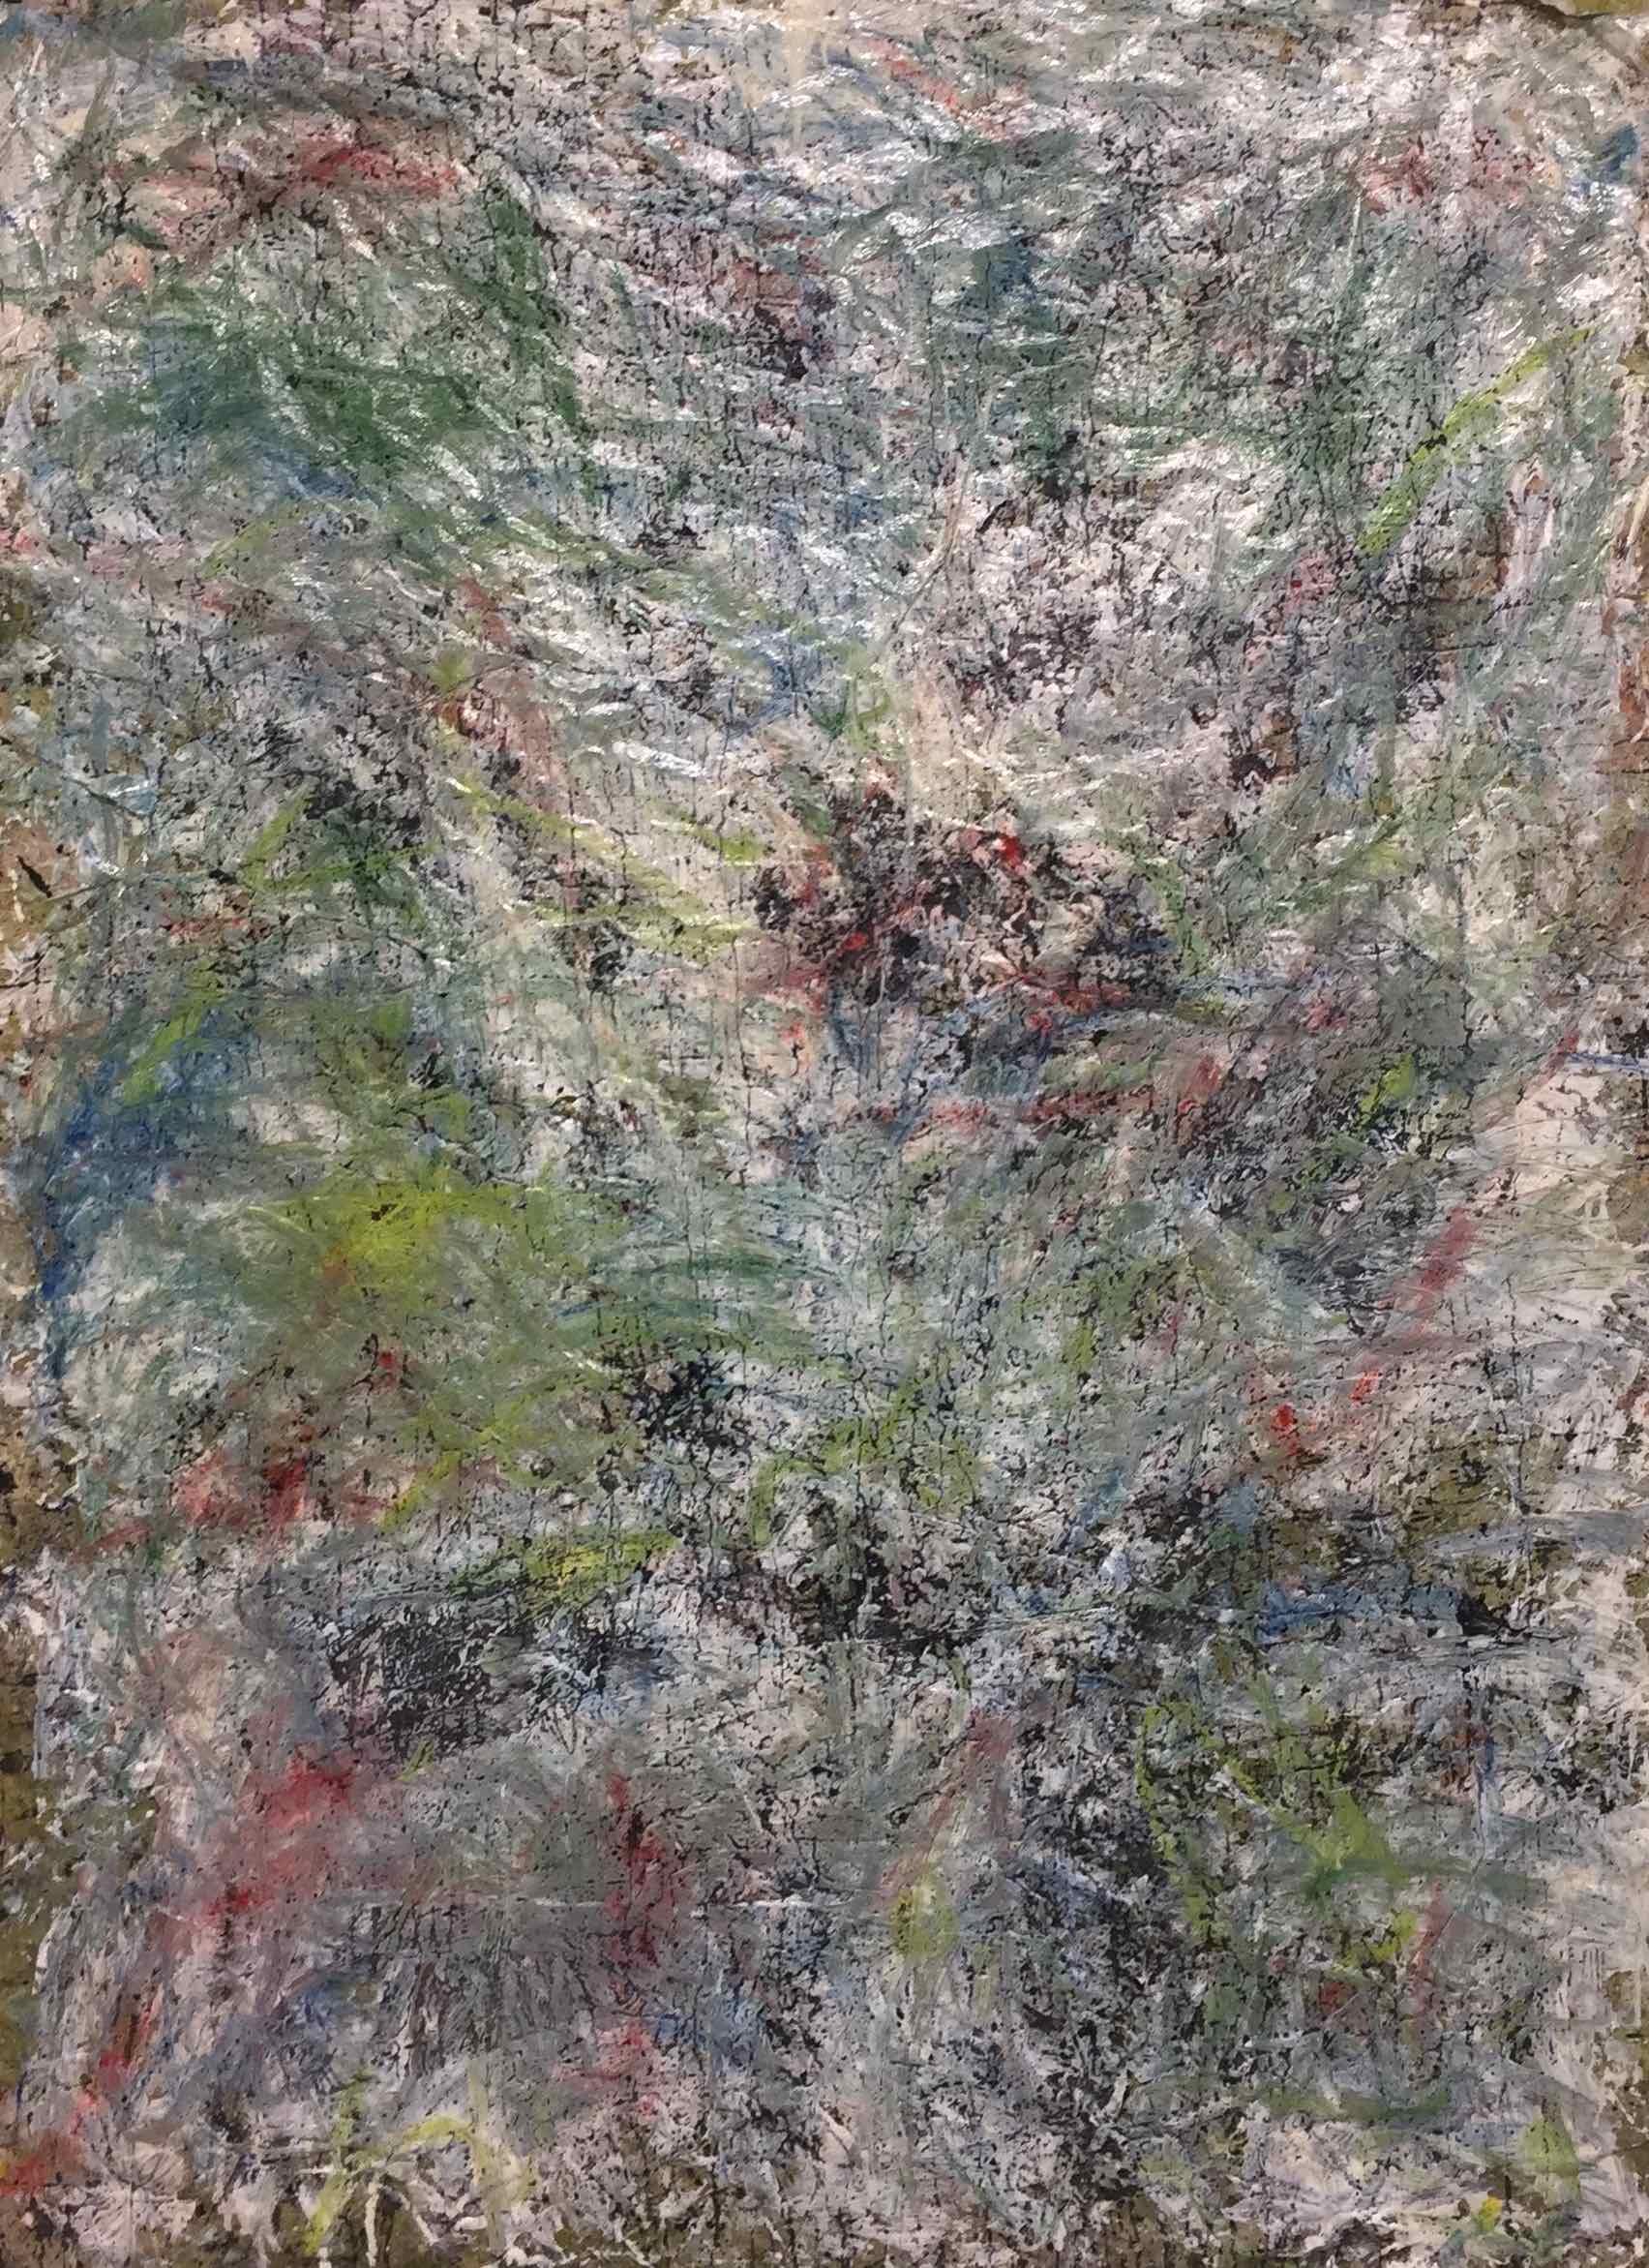 MARC FELD 2019 EMBRASEMENT DE LA NEIGE Huile, pigment, acrylique et gouache sur papier 116 x 158 cm